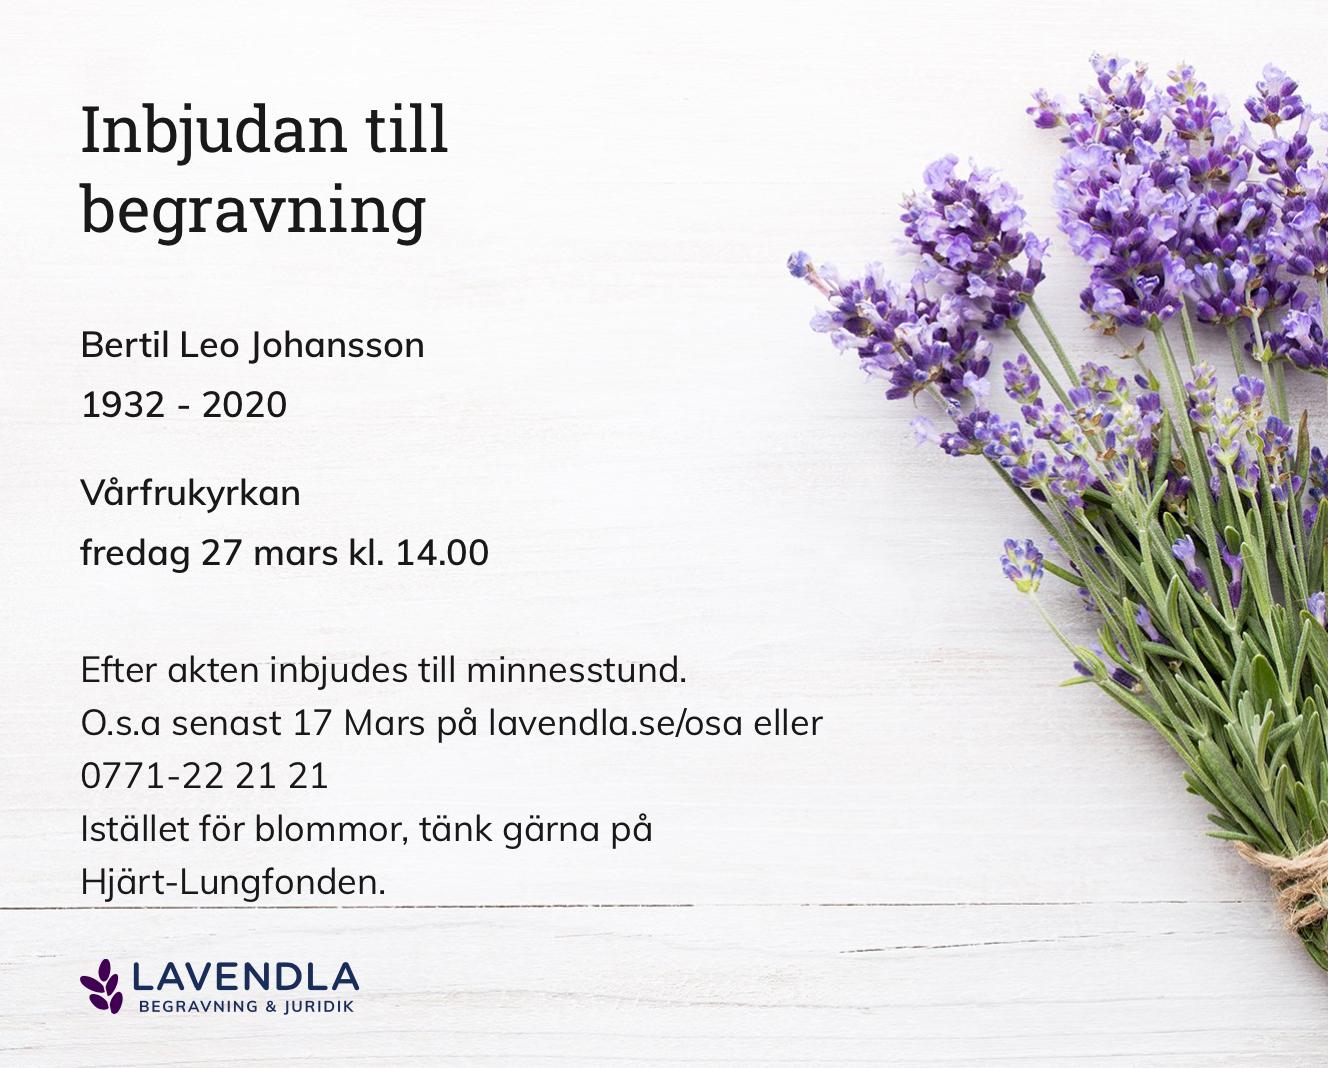 Inbjudningskort till ceremonin för Bertil Leo Johansson